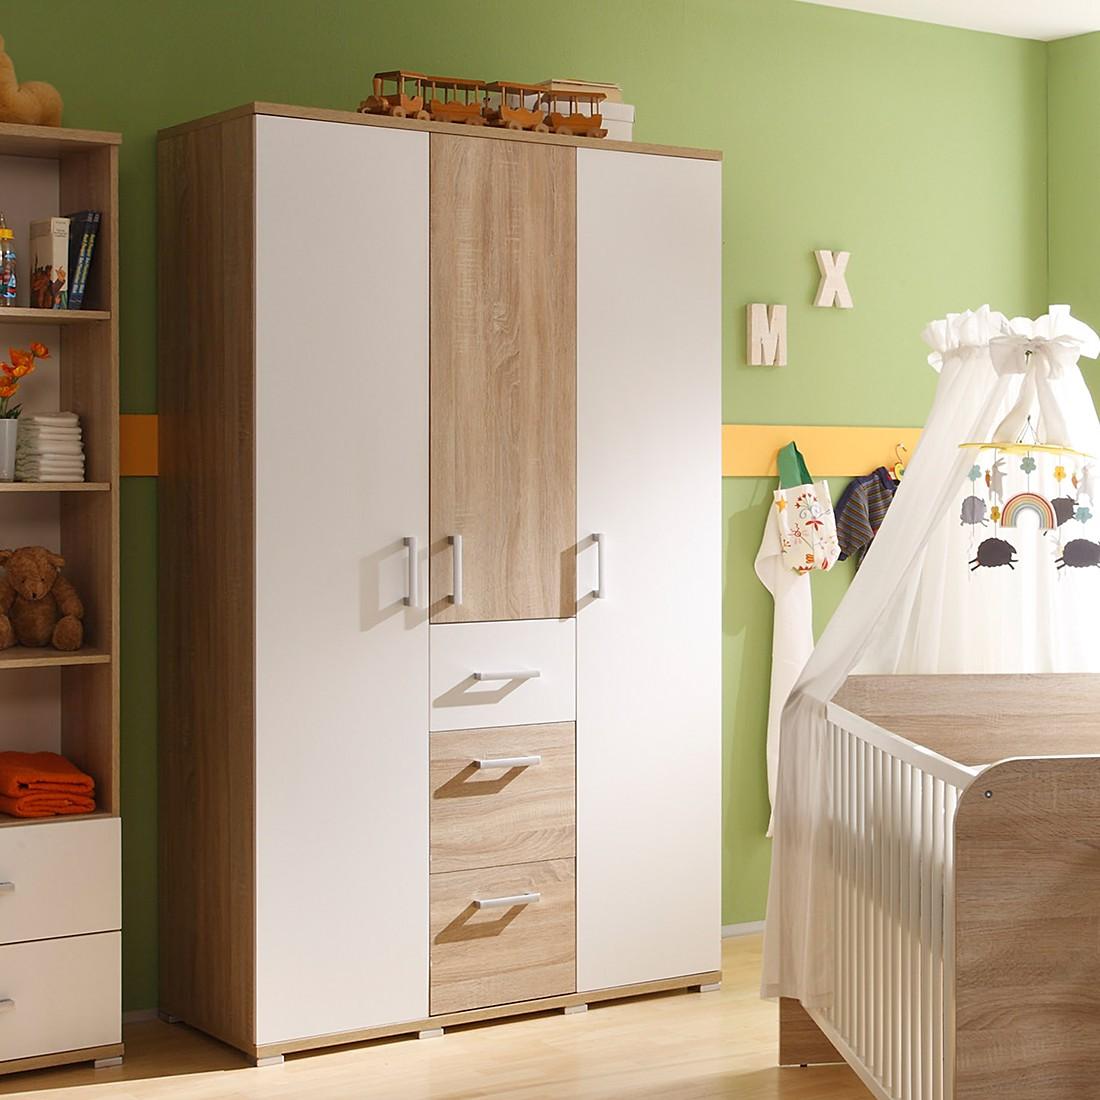 mooved Drehtürenschrank – für ein modernes Kinderzimmer | home24